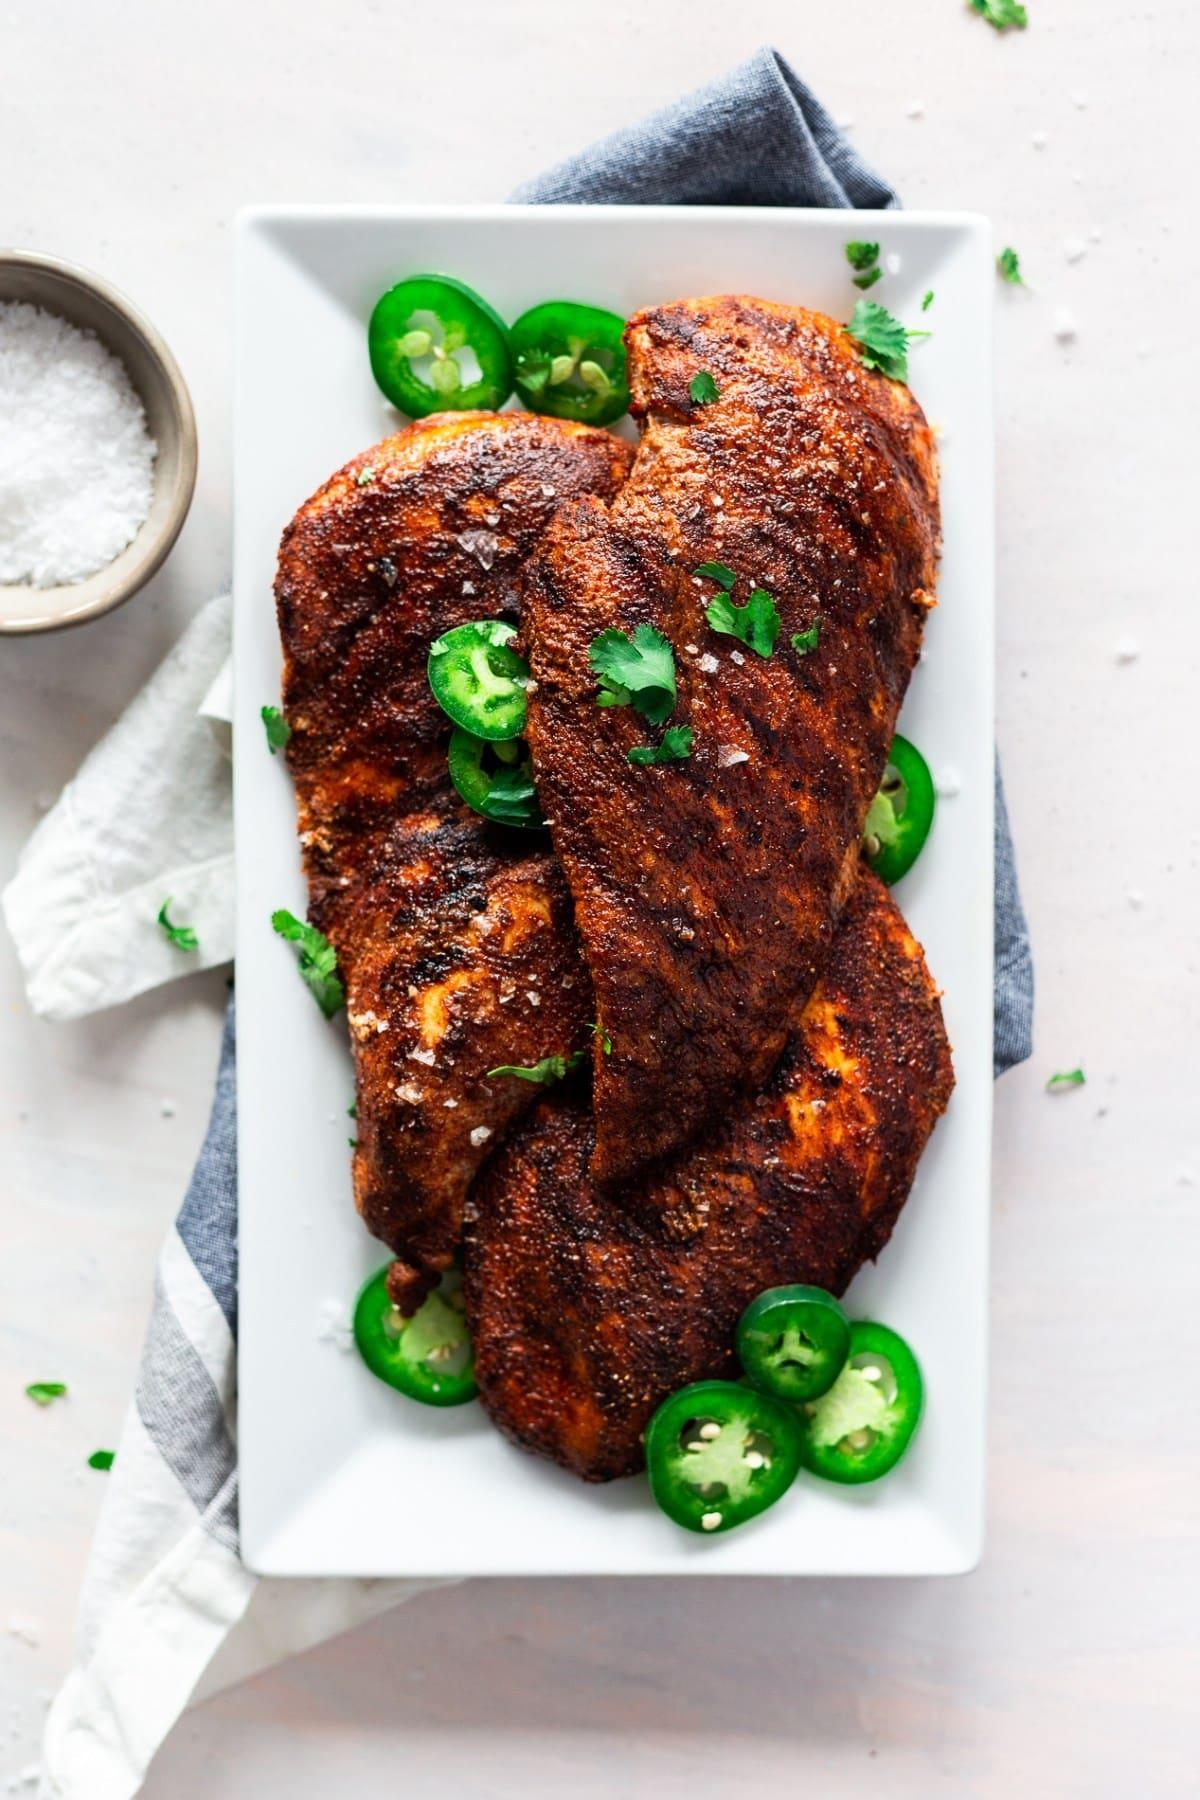 Grilled Harissa Chicken Breast Recipe